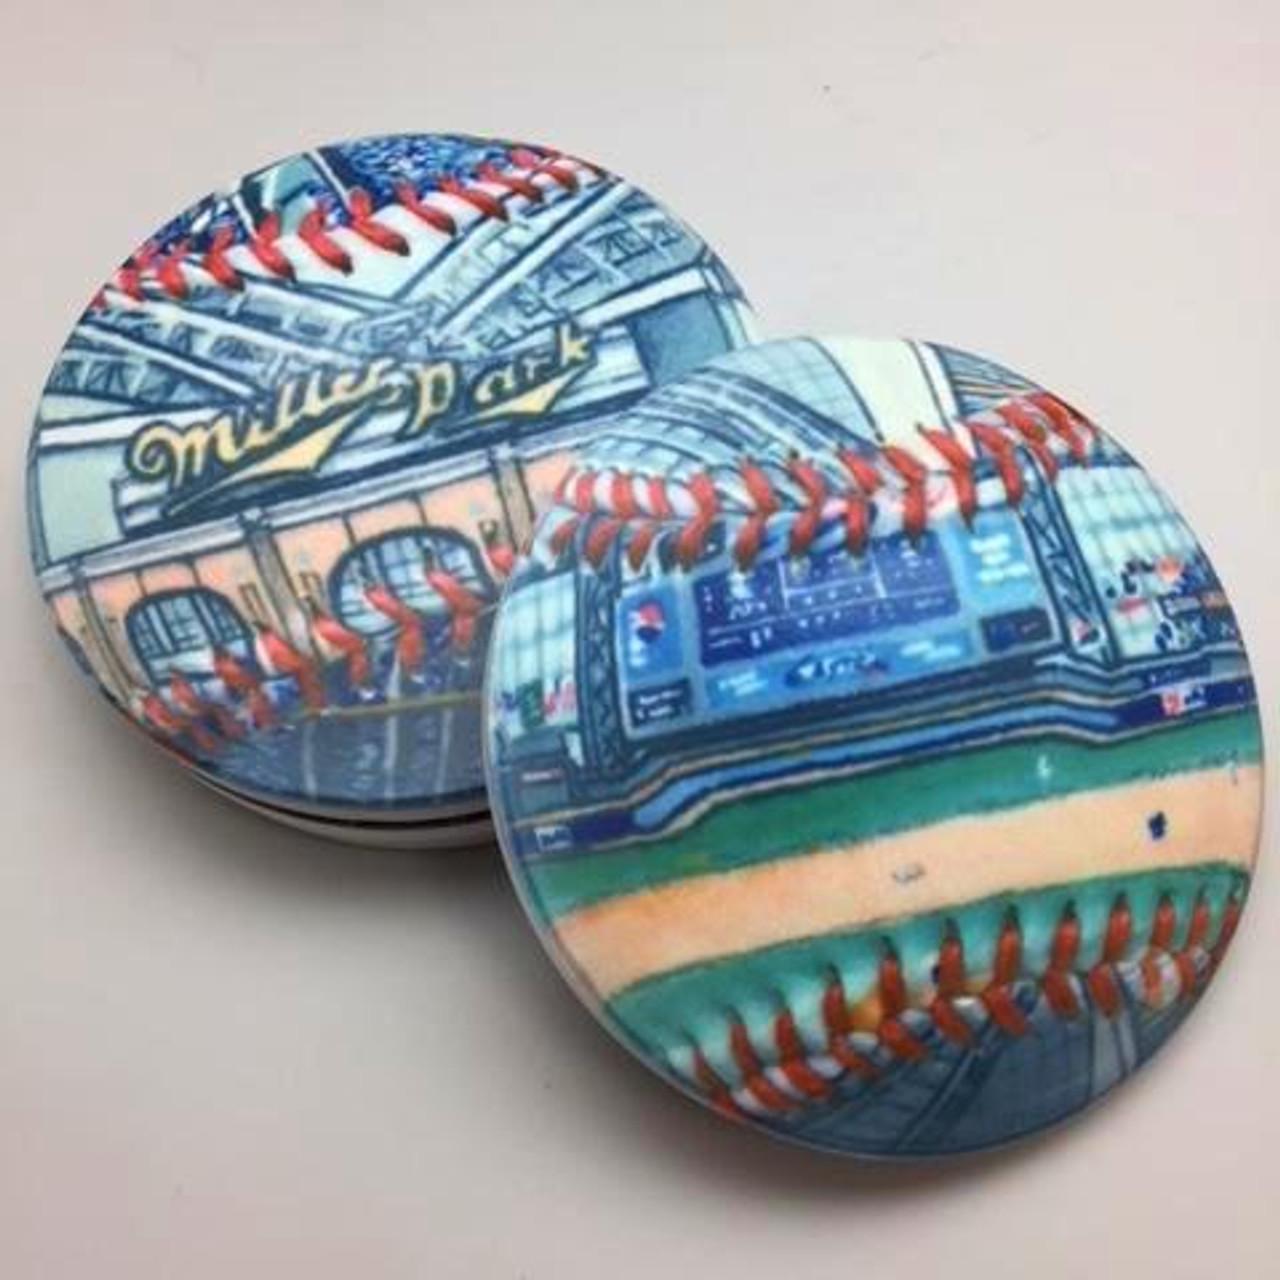 Miller Park Coaster Set